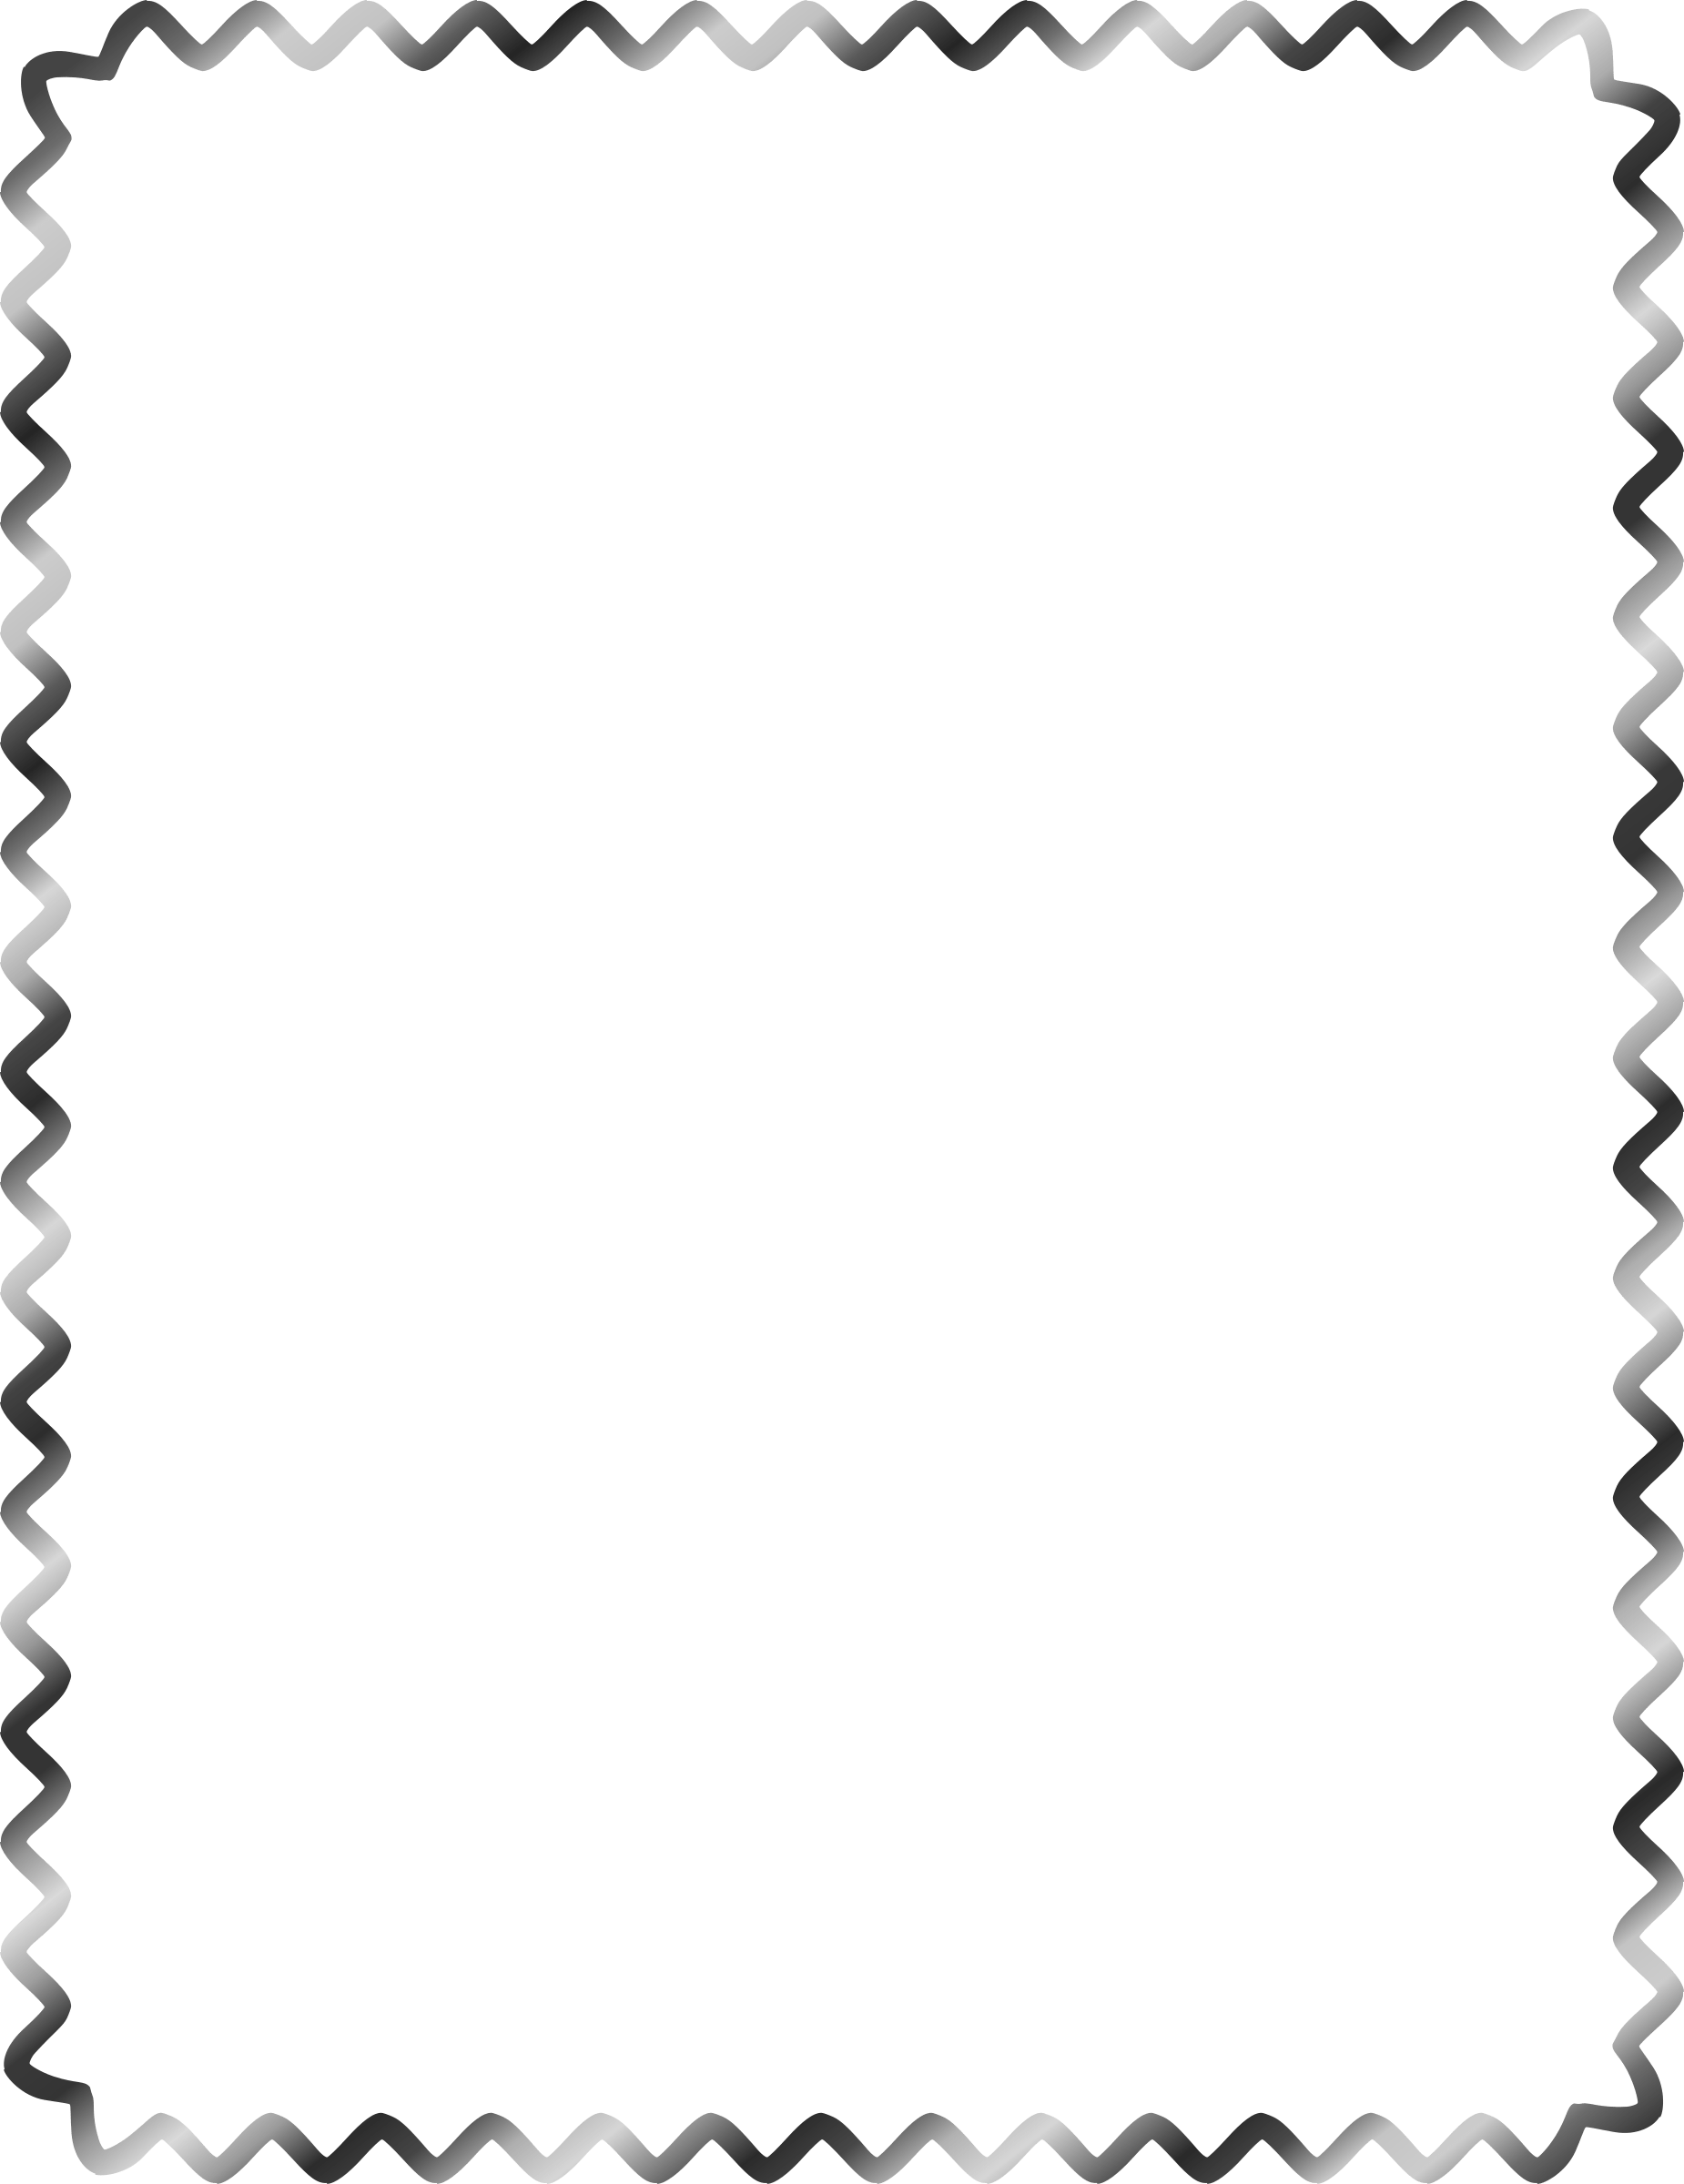 Wave Border Clip Art